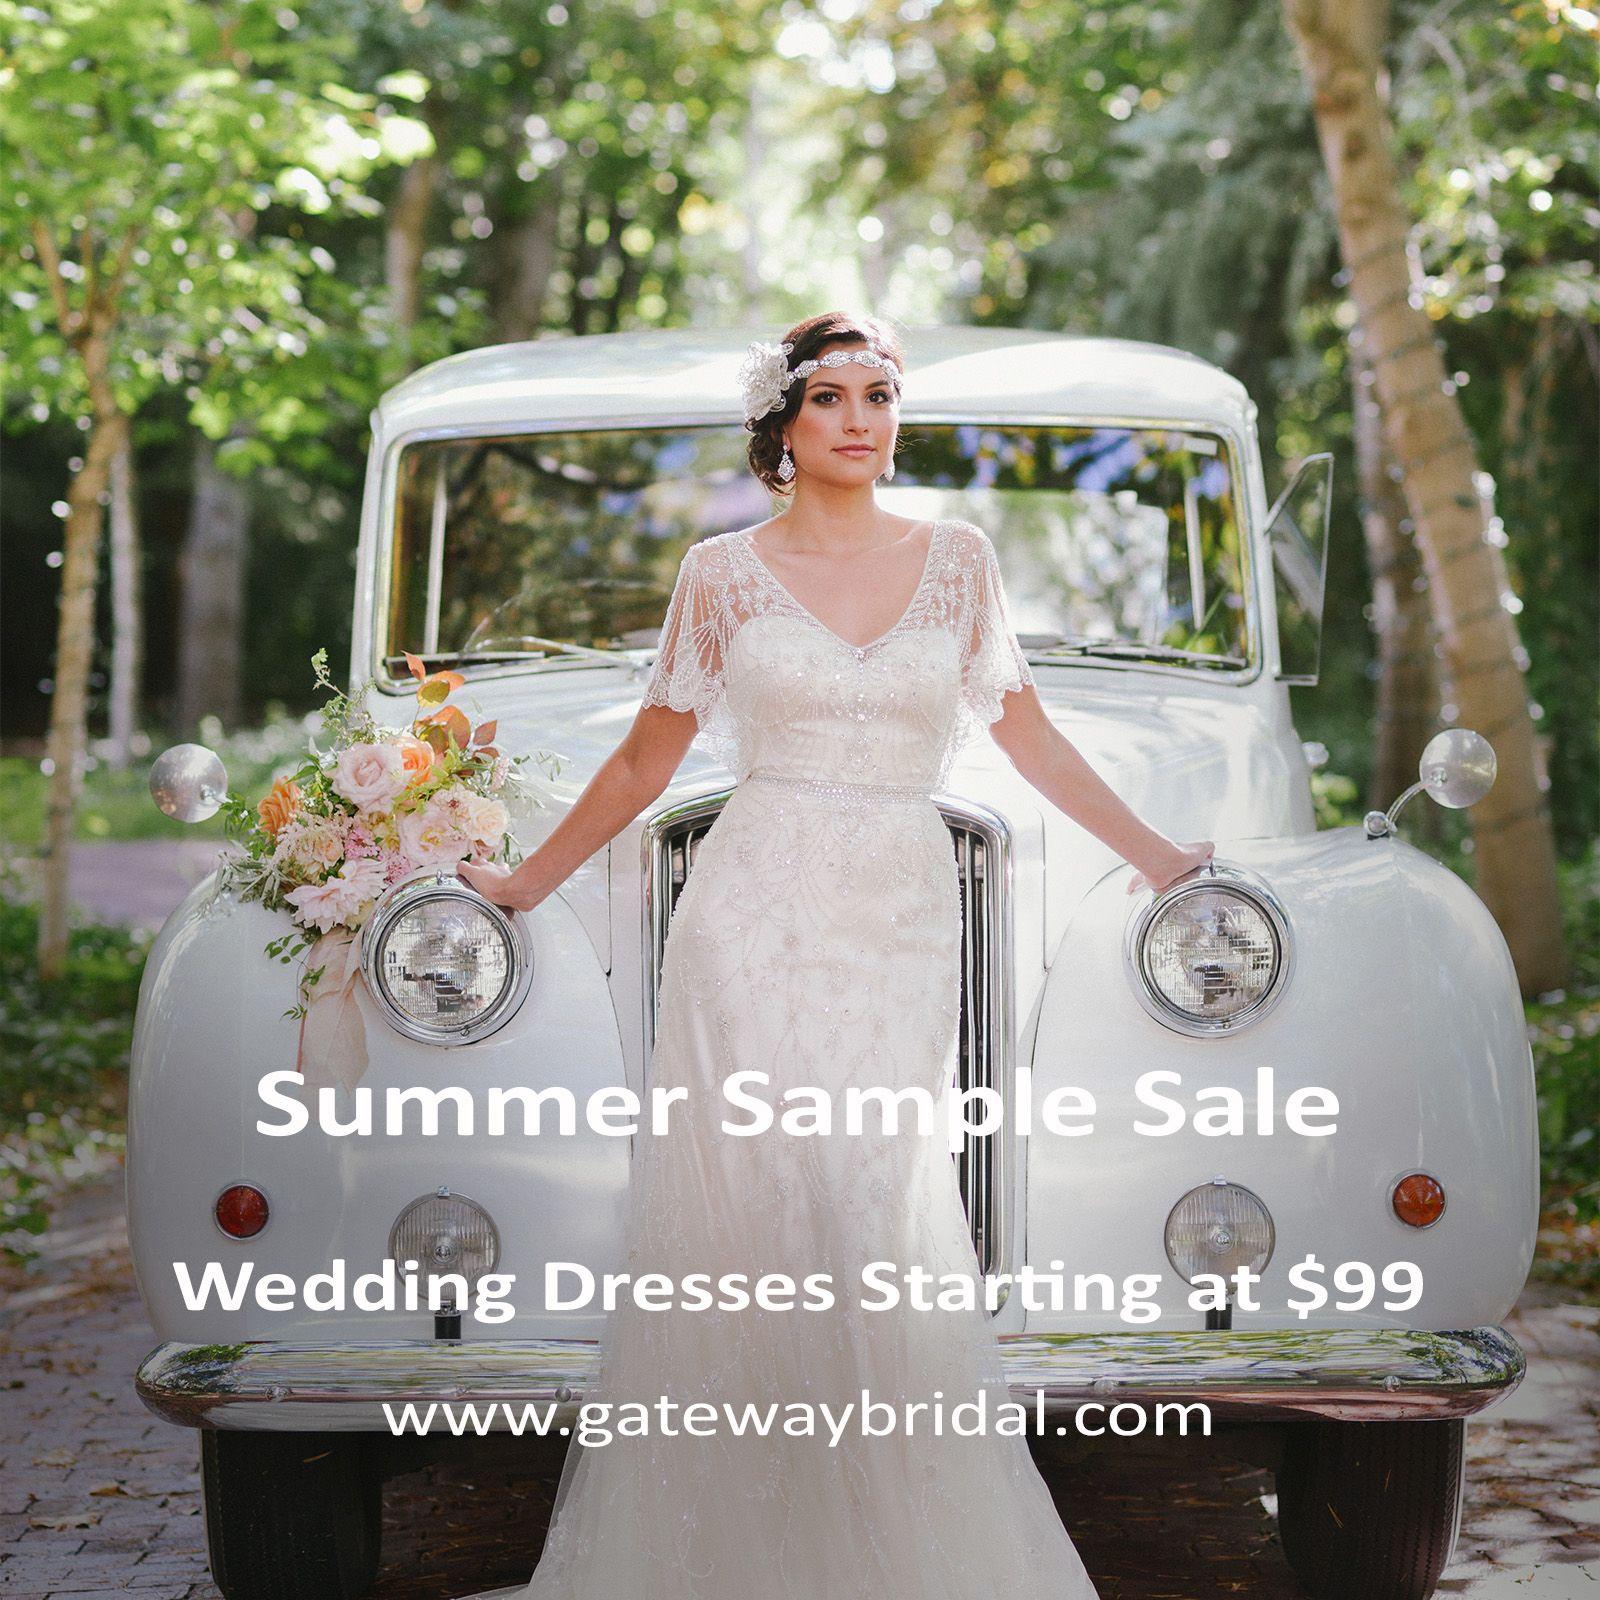 Gateway Bridals Summer Sample Sale Starts June 7